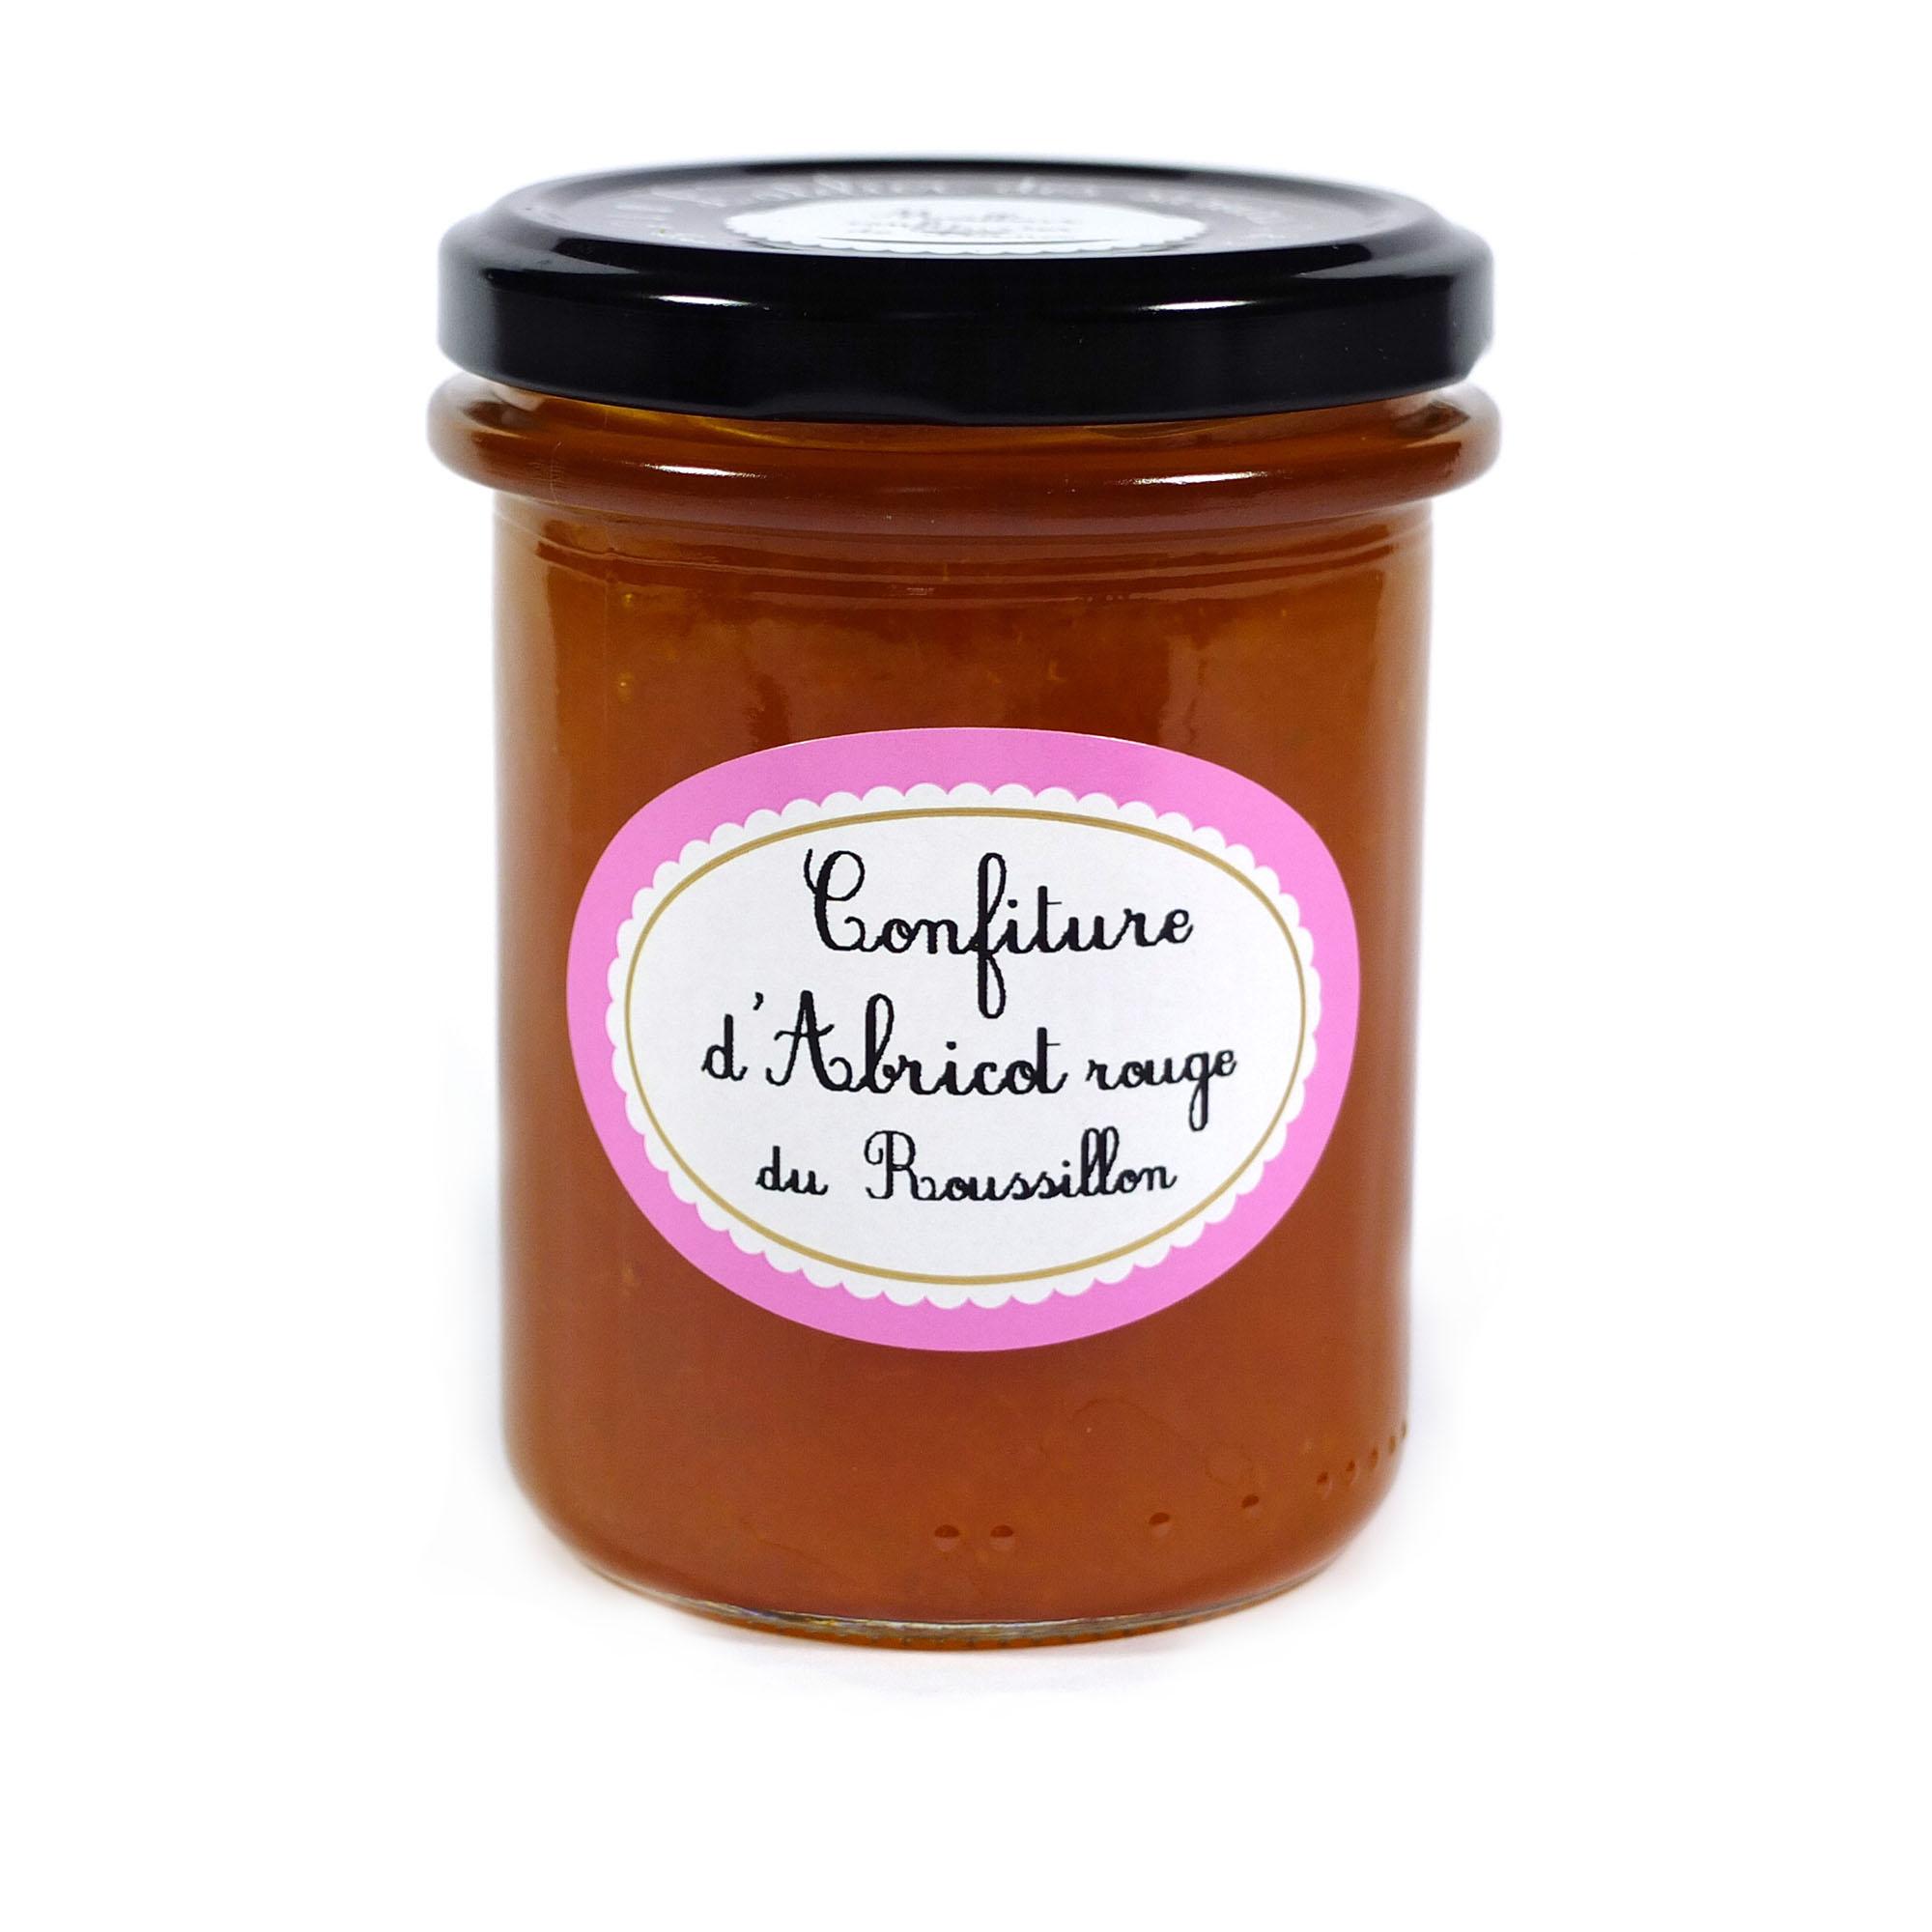 6bd271dda63 Abricot rouge du Roussillon – Atelier des saveurs